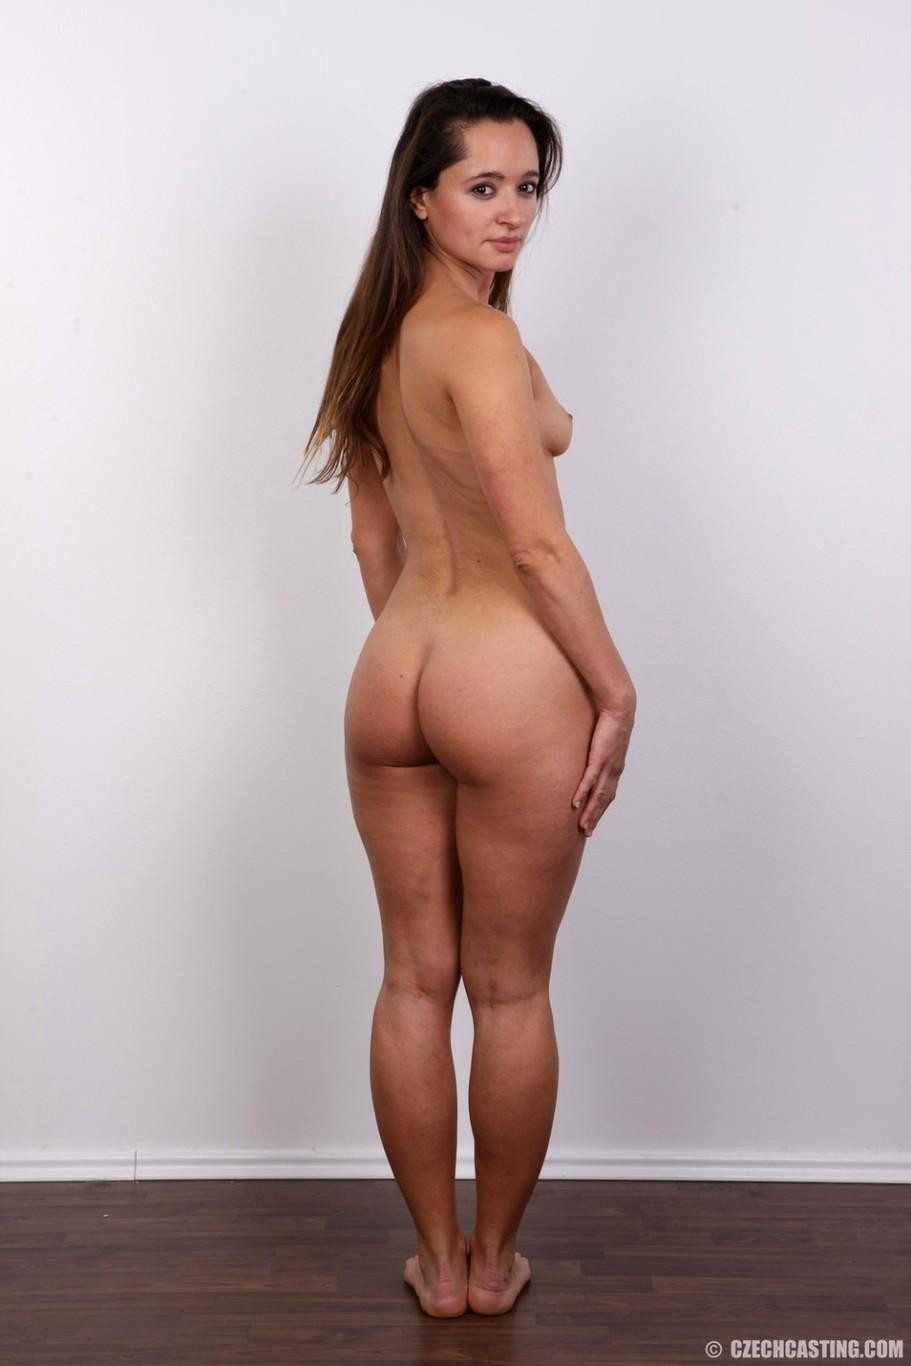 Models czech casting fentonia.com